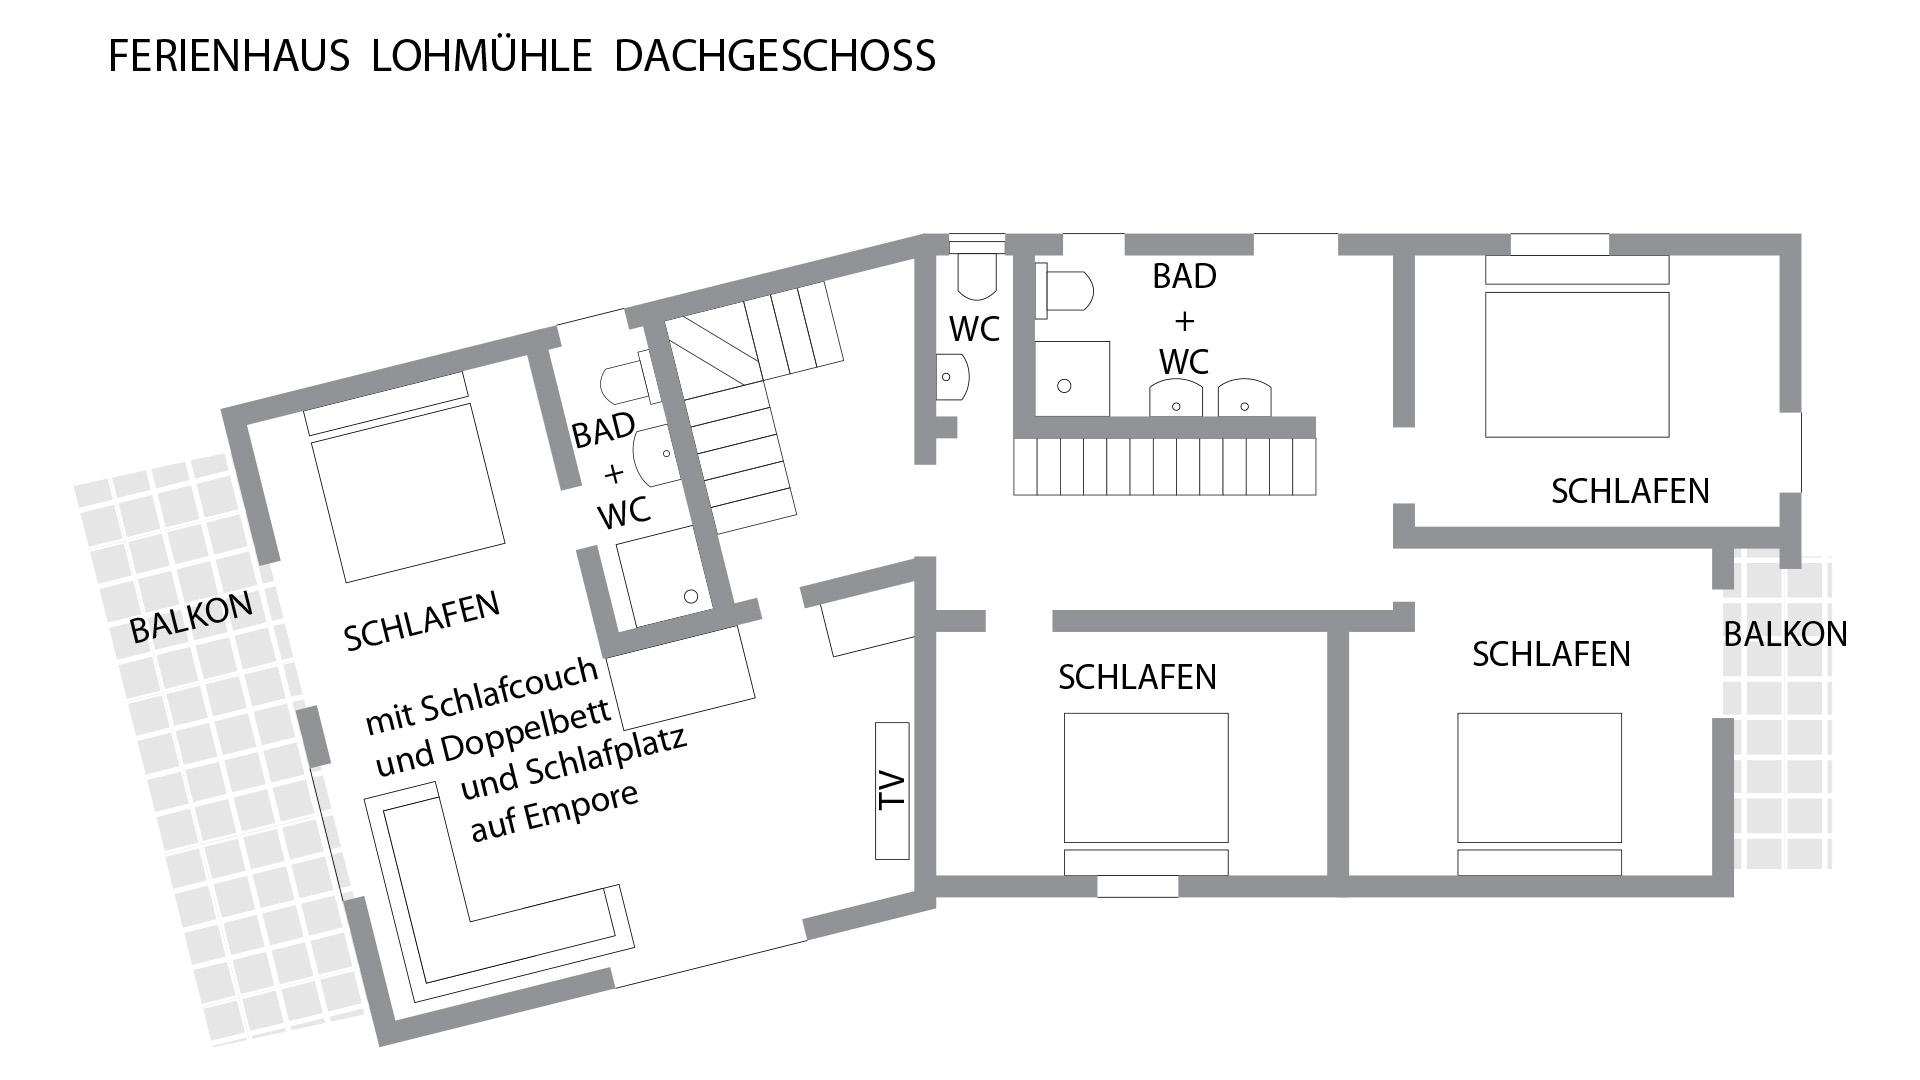 Grundriss für das Obergeschoss im Schwarzwald-Haus Lohmühle